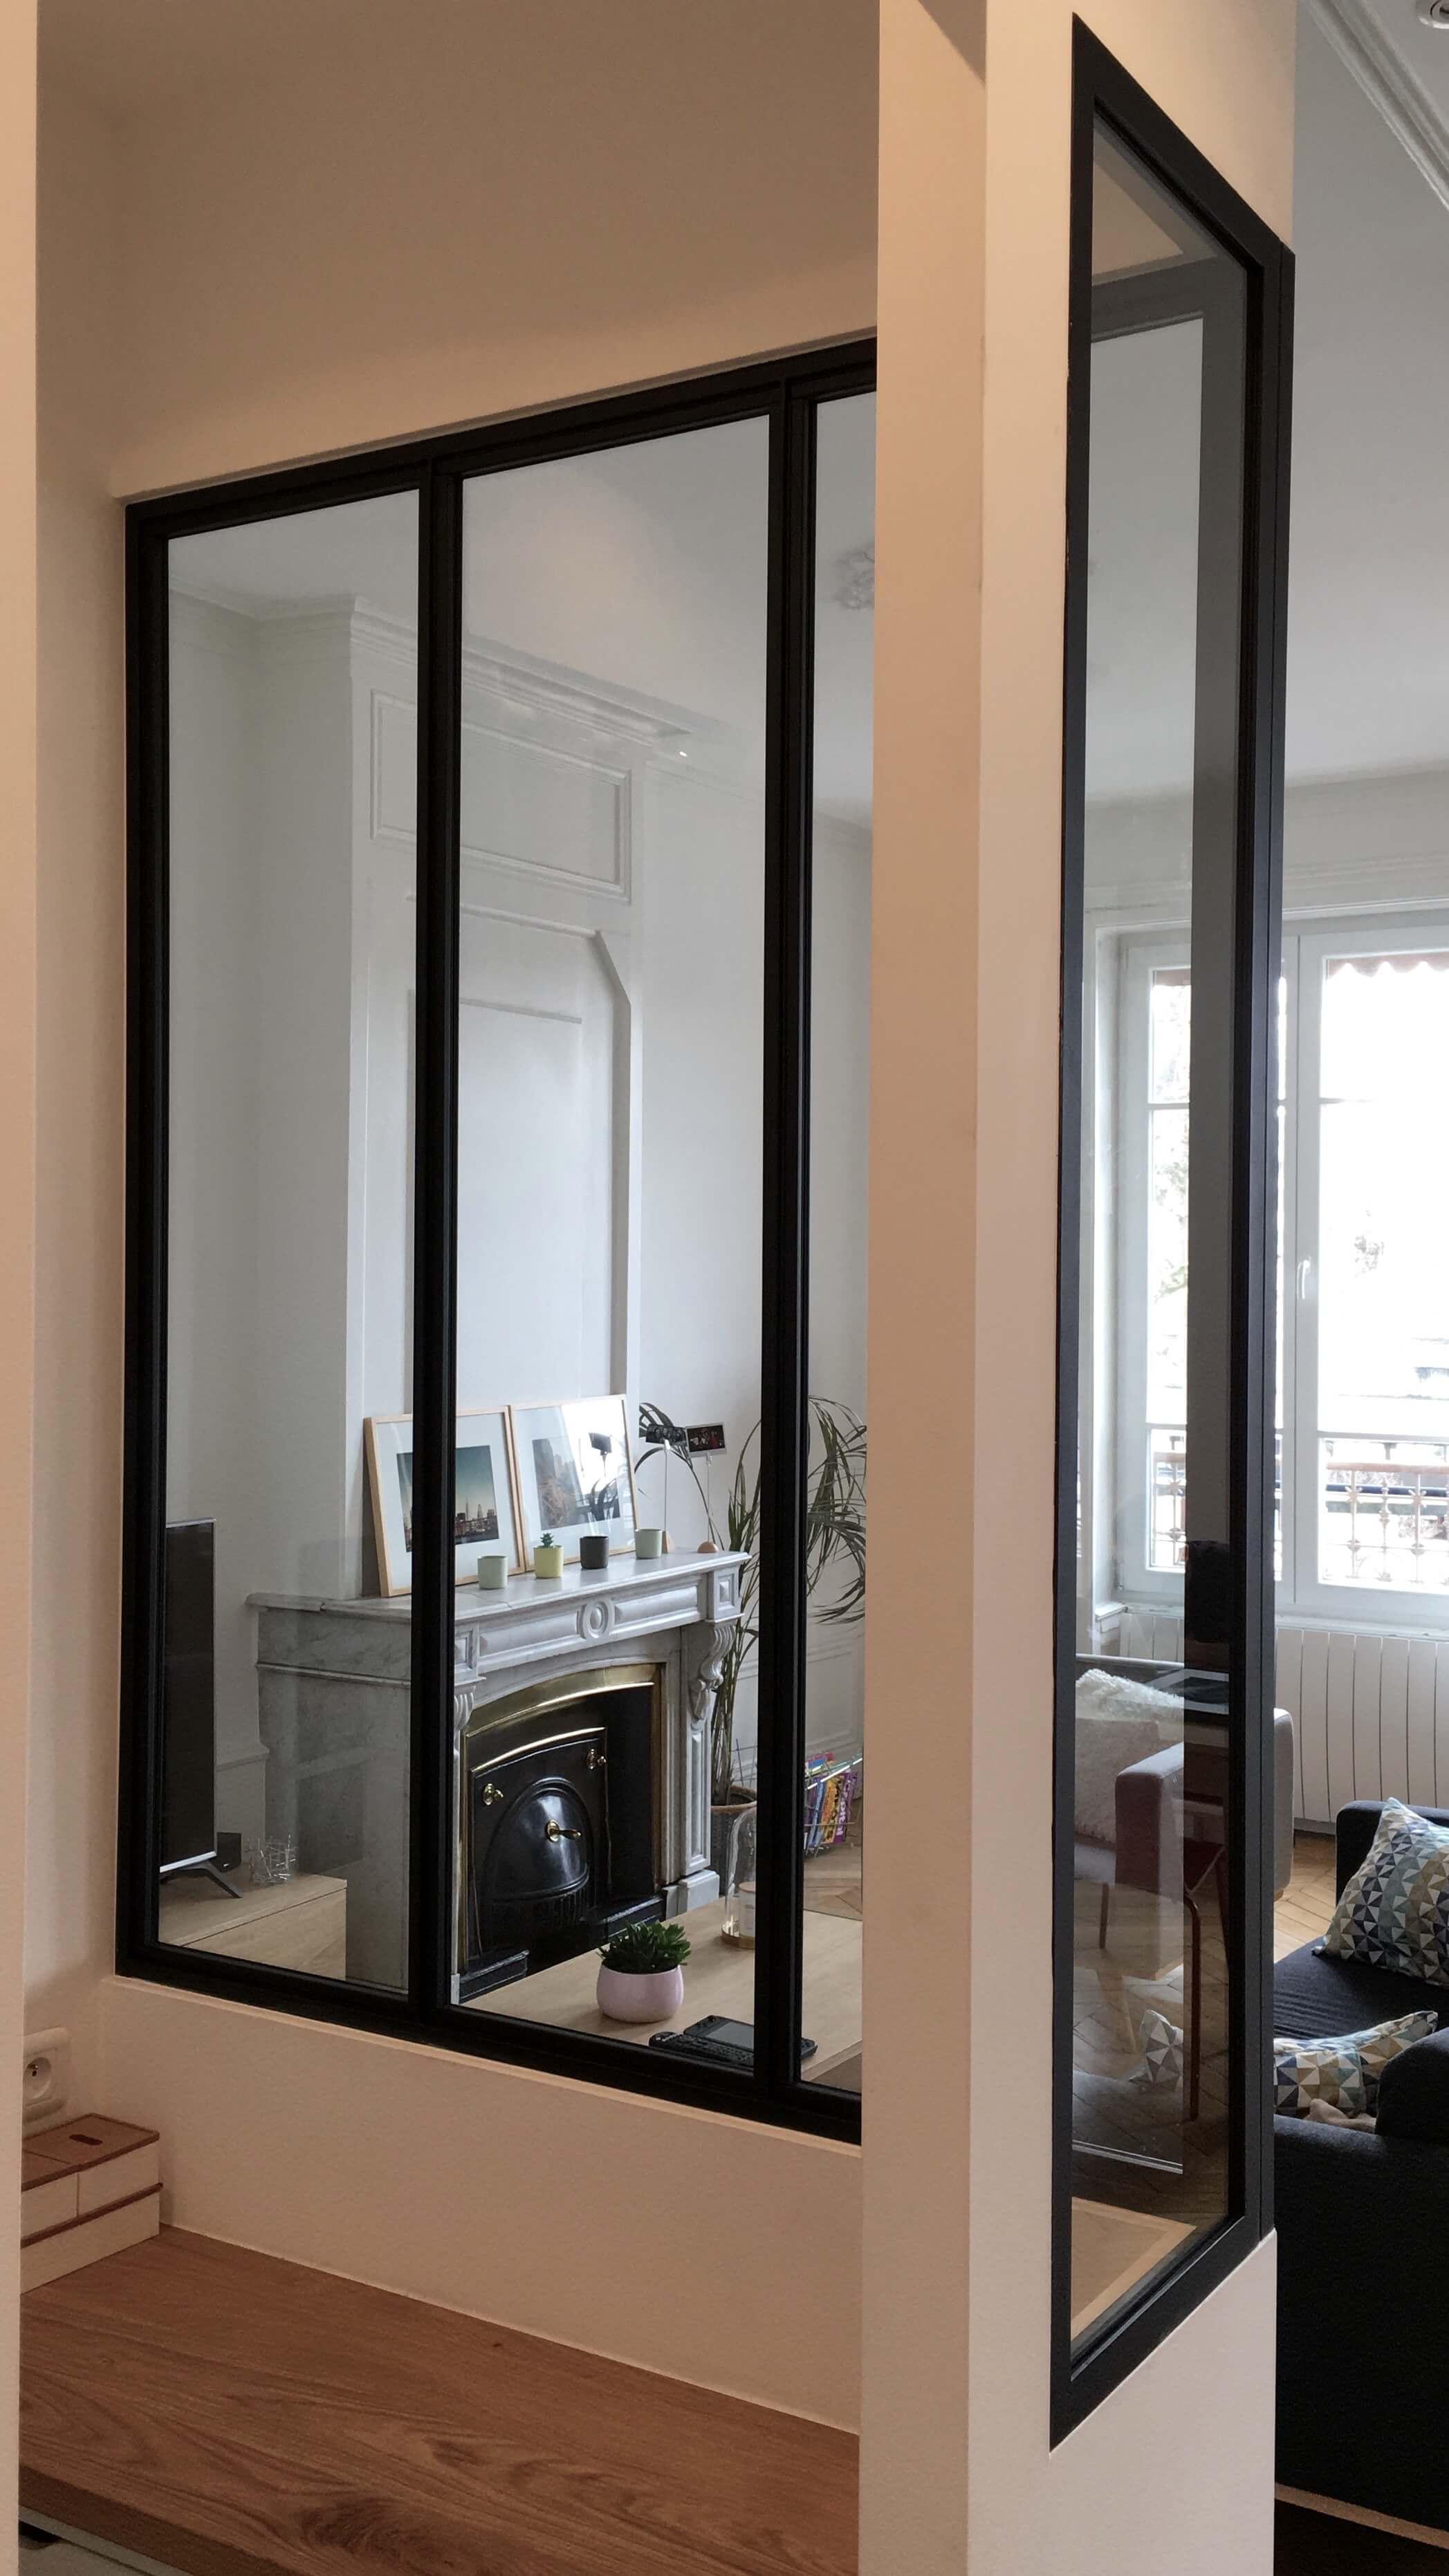 Robi design Métallique Annecy Verrière d'angle LYON 6951